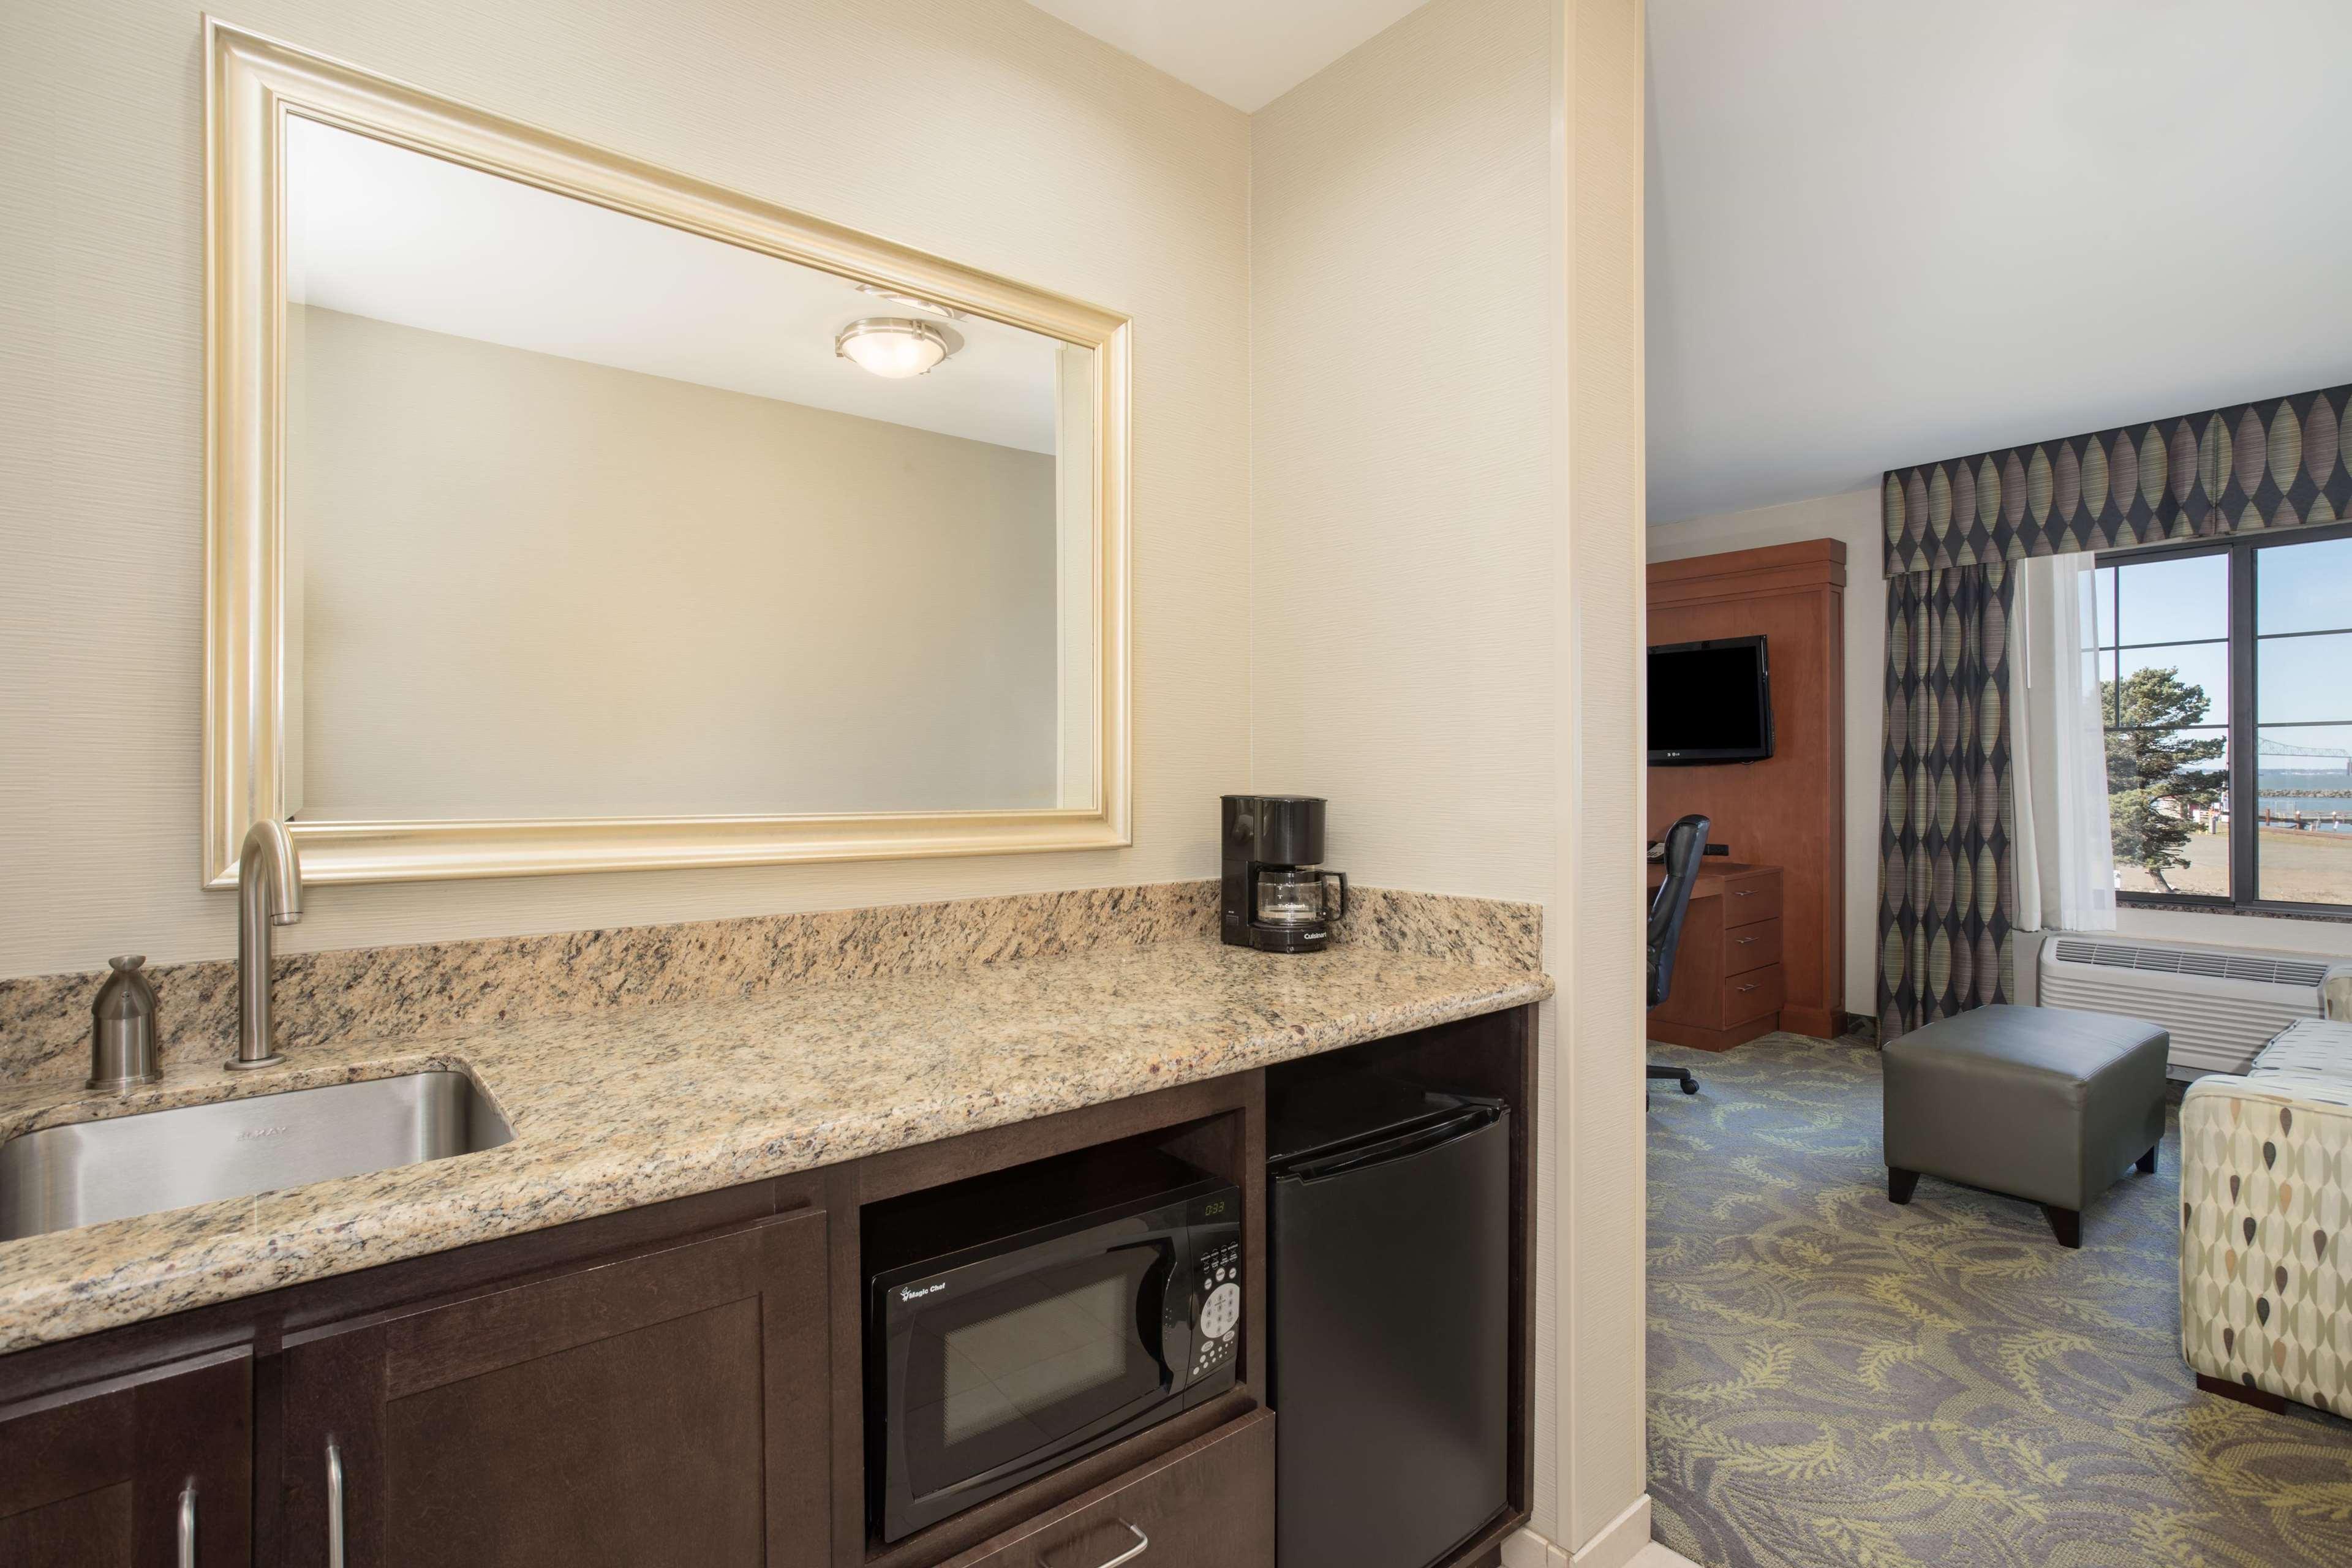 Hampton Inn & Suites Astoria image 20